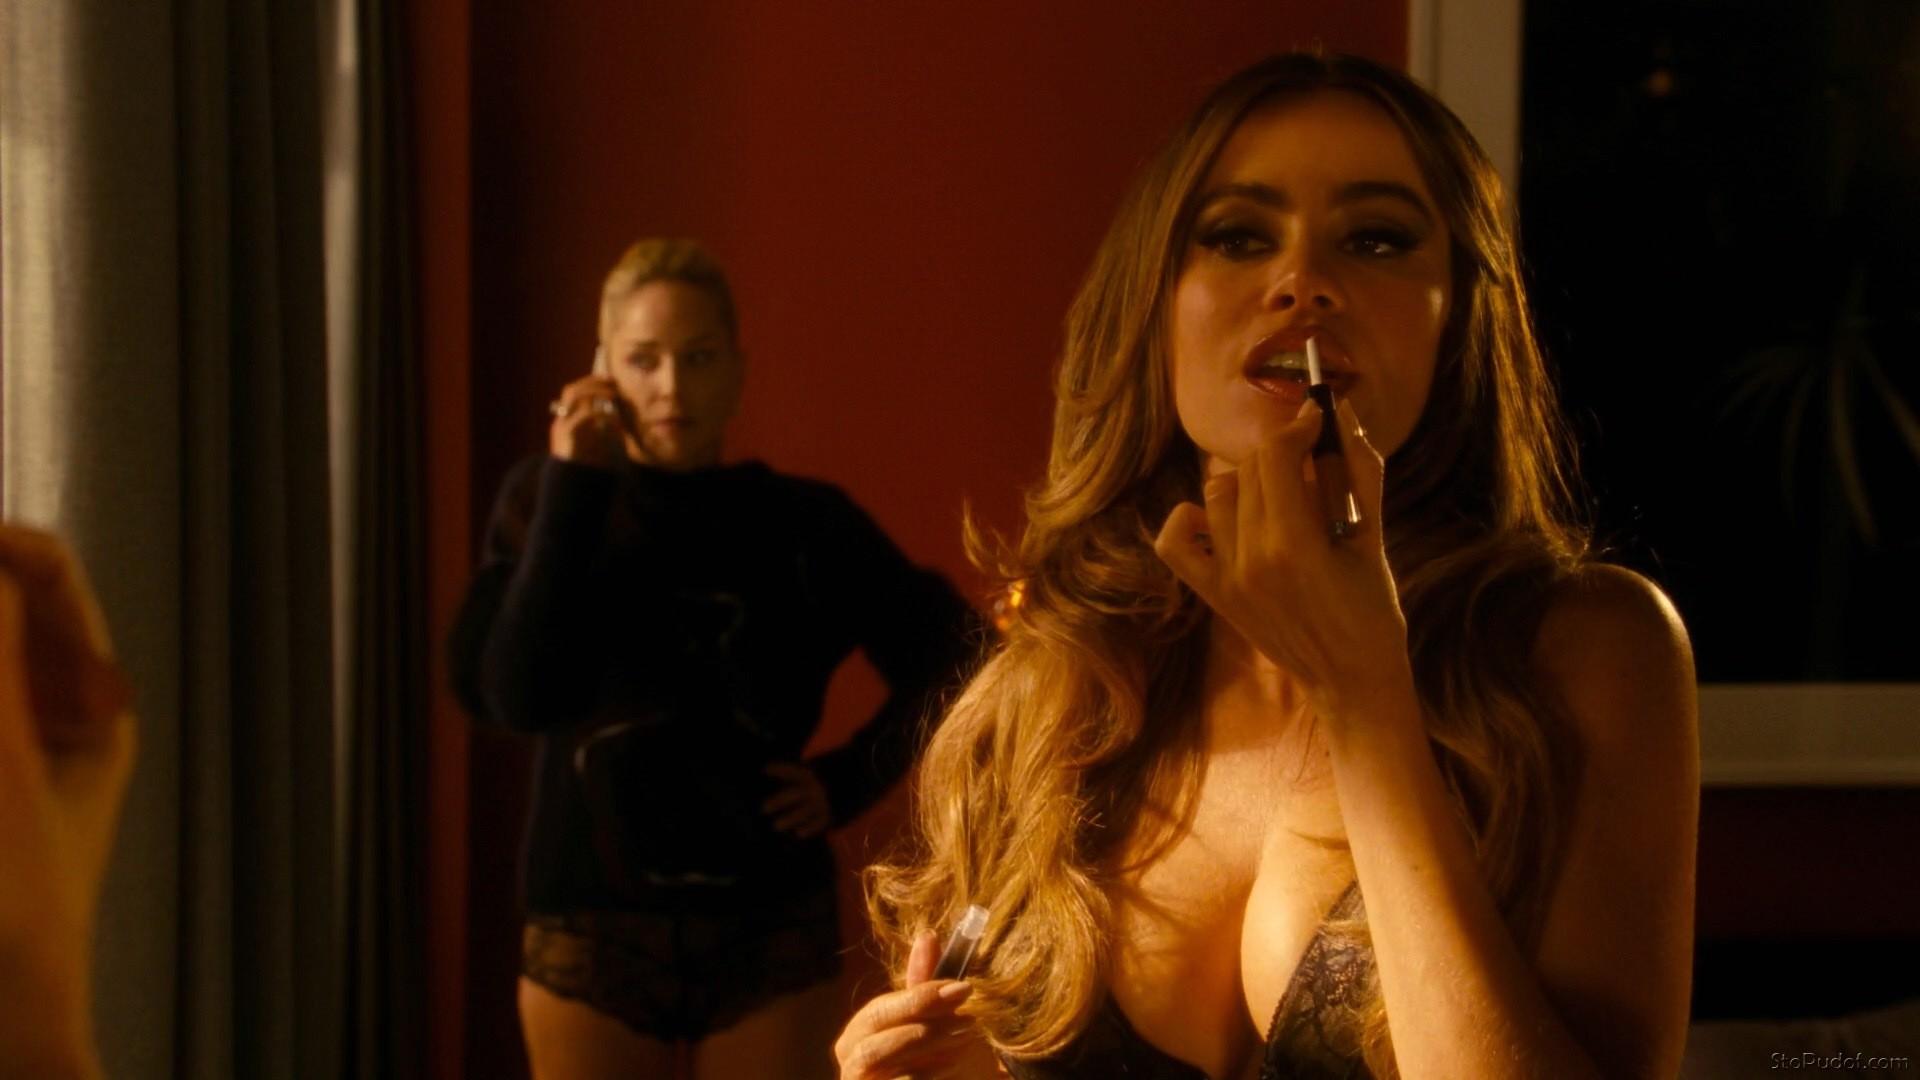 Real Porn Girls Sofia Vergara